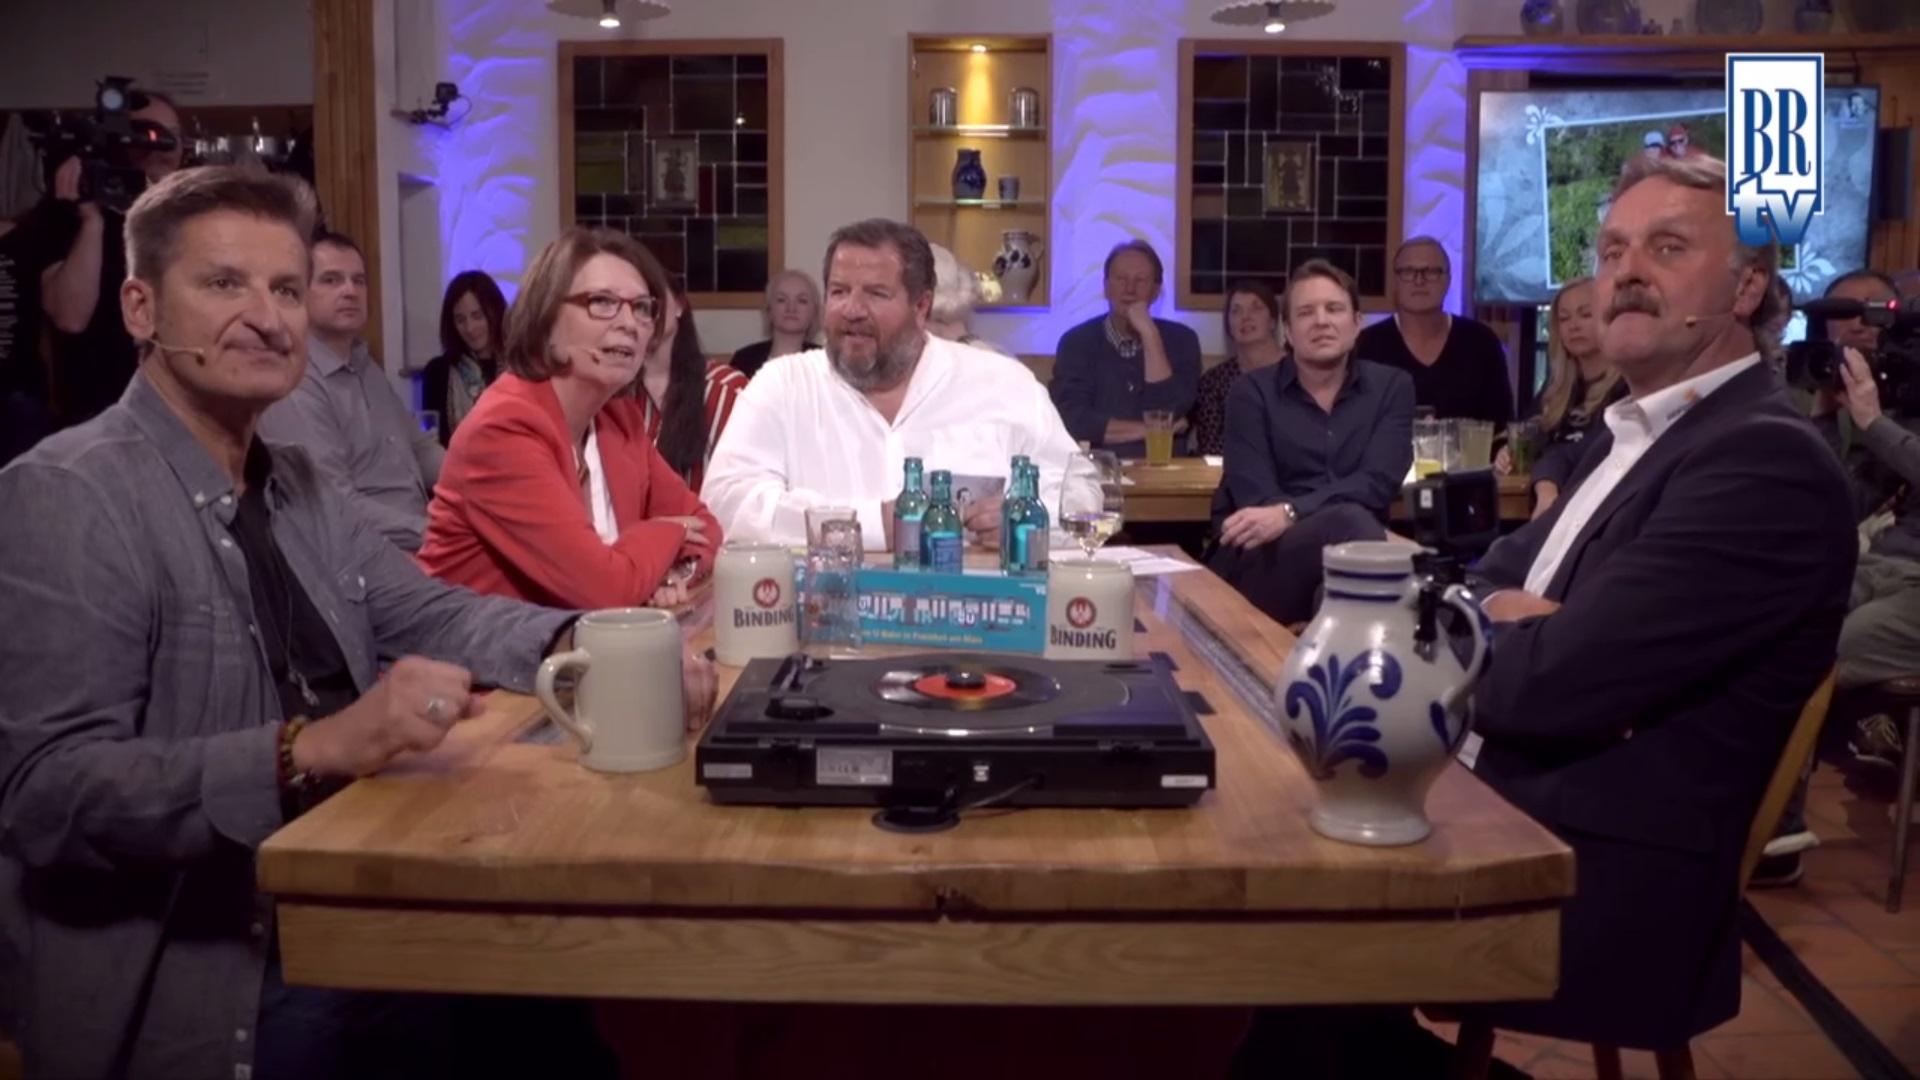 Bembel & Gebabbel – Folge 44 mit Priska Hinz, Hartmut Engler & Peter Neururerb